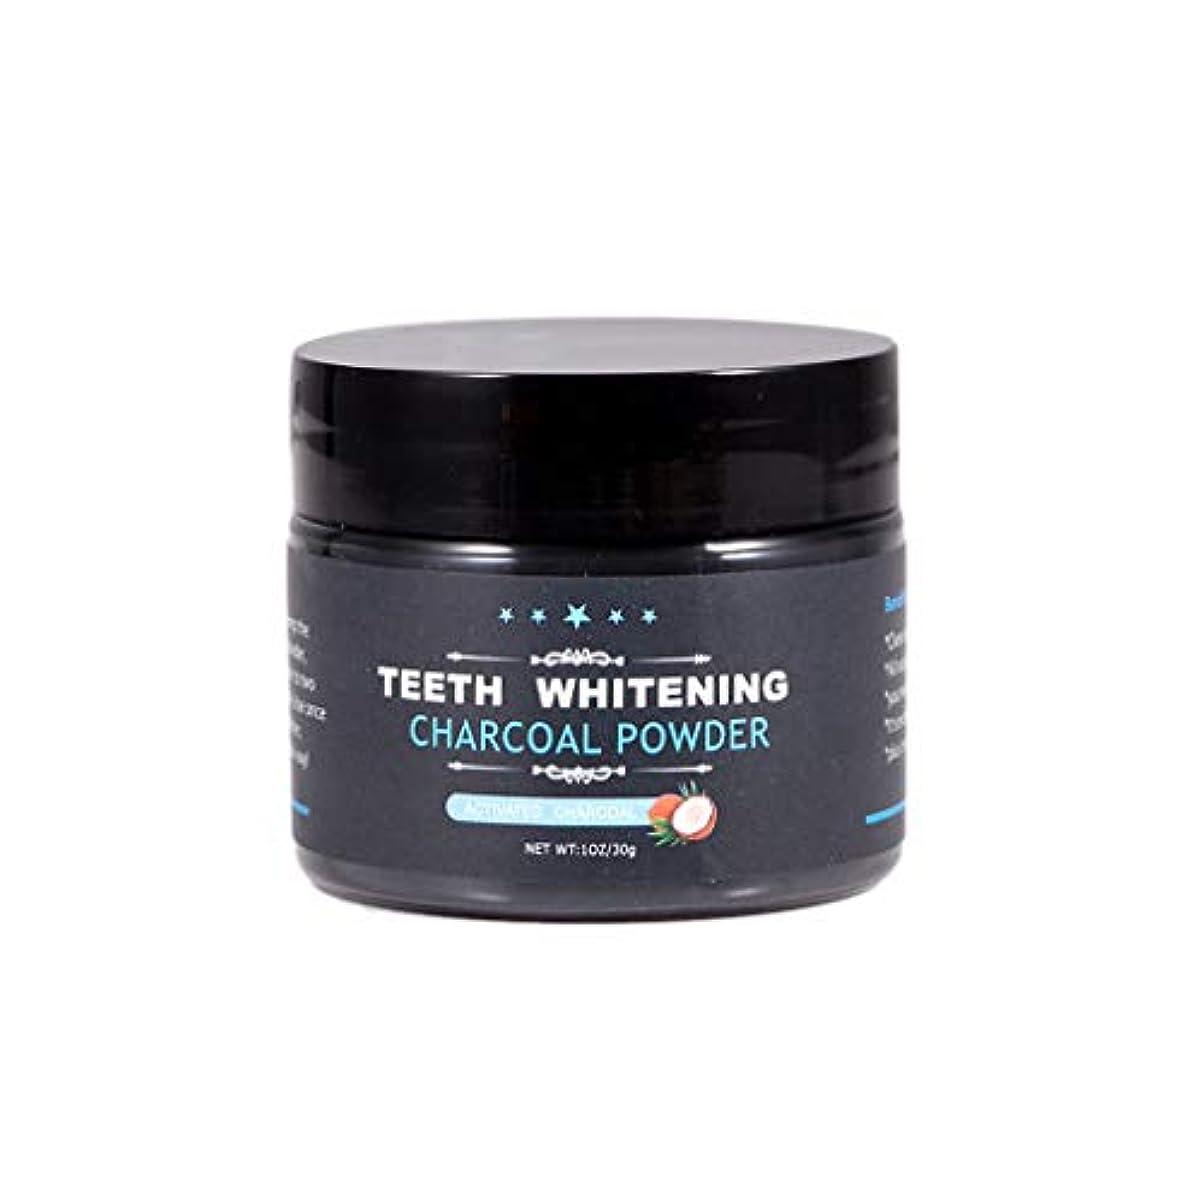 連邦ベックス慎重にTopFires 歯を活性化させた有機ココナッツ殻から作られた白い粉を白くする - 口臭をなくし、コーヒーと茶の汚れ、口腔内細菌を排除